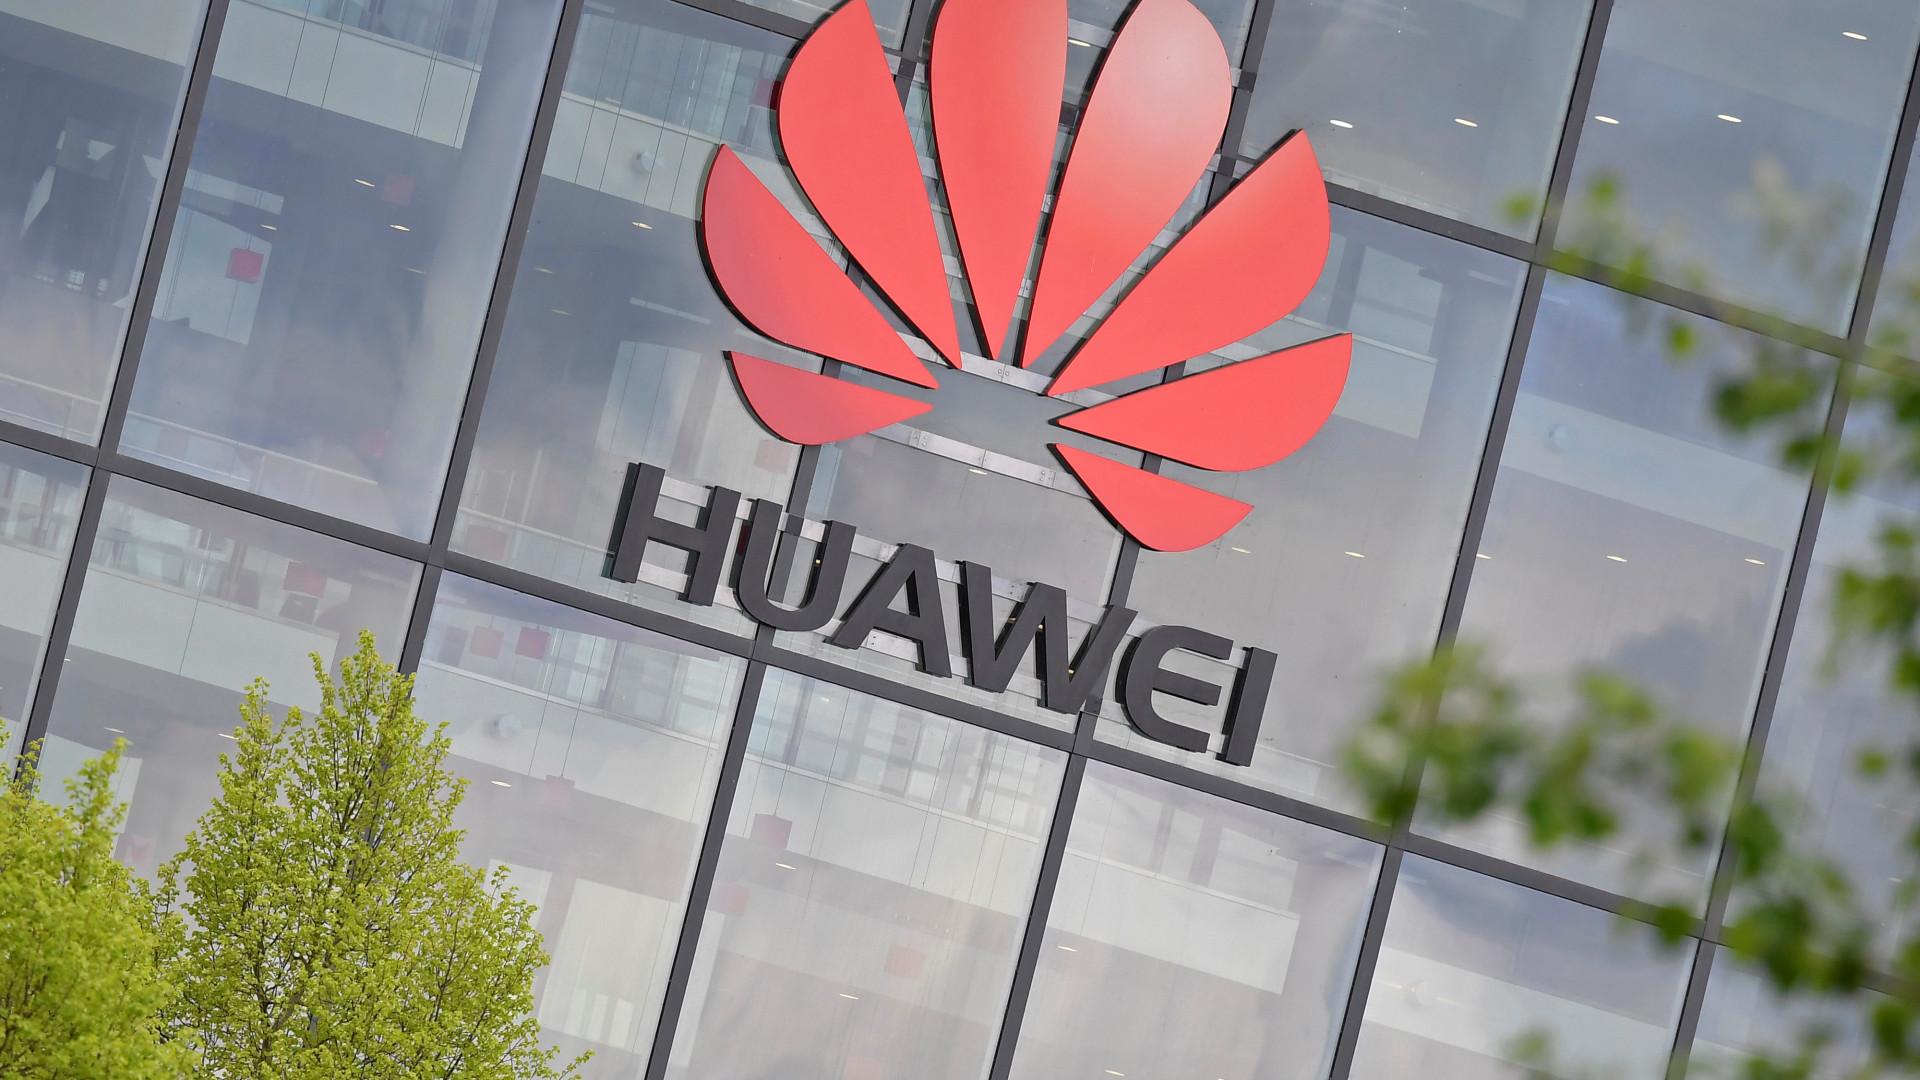 Preparada para o pior, Huawei promete reembolsos a clientes